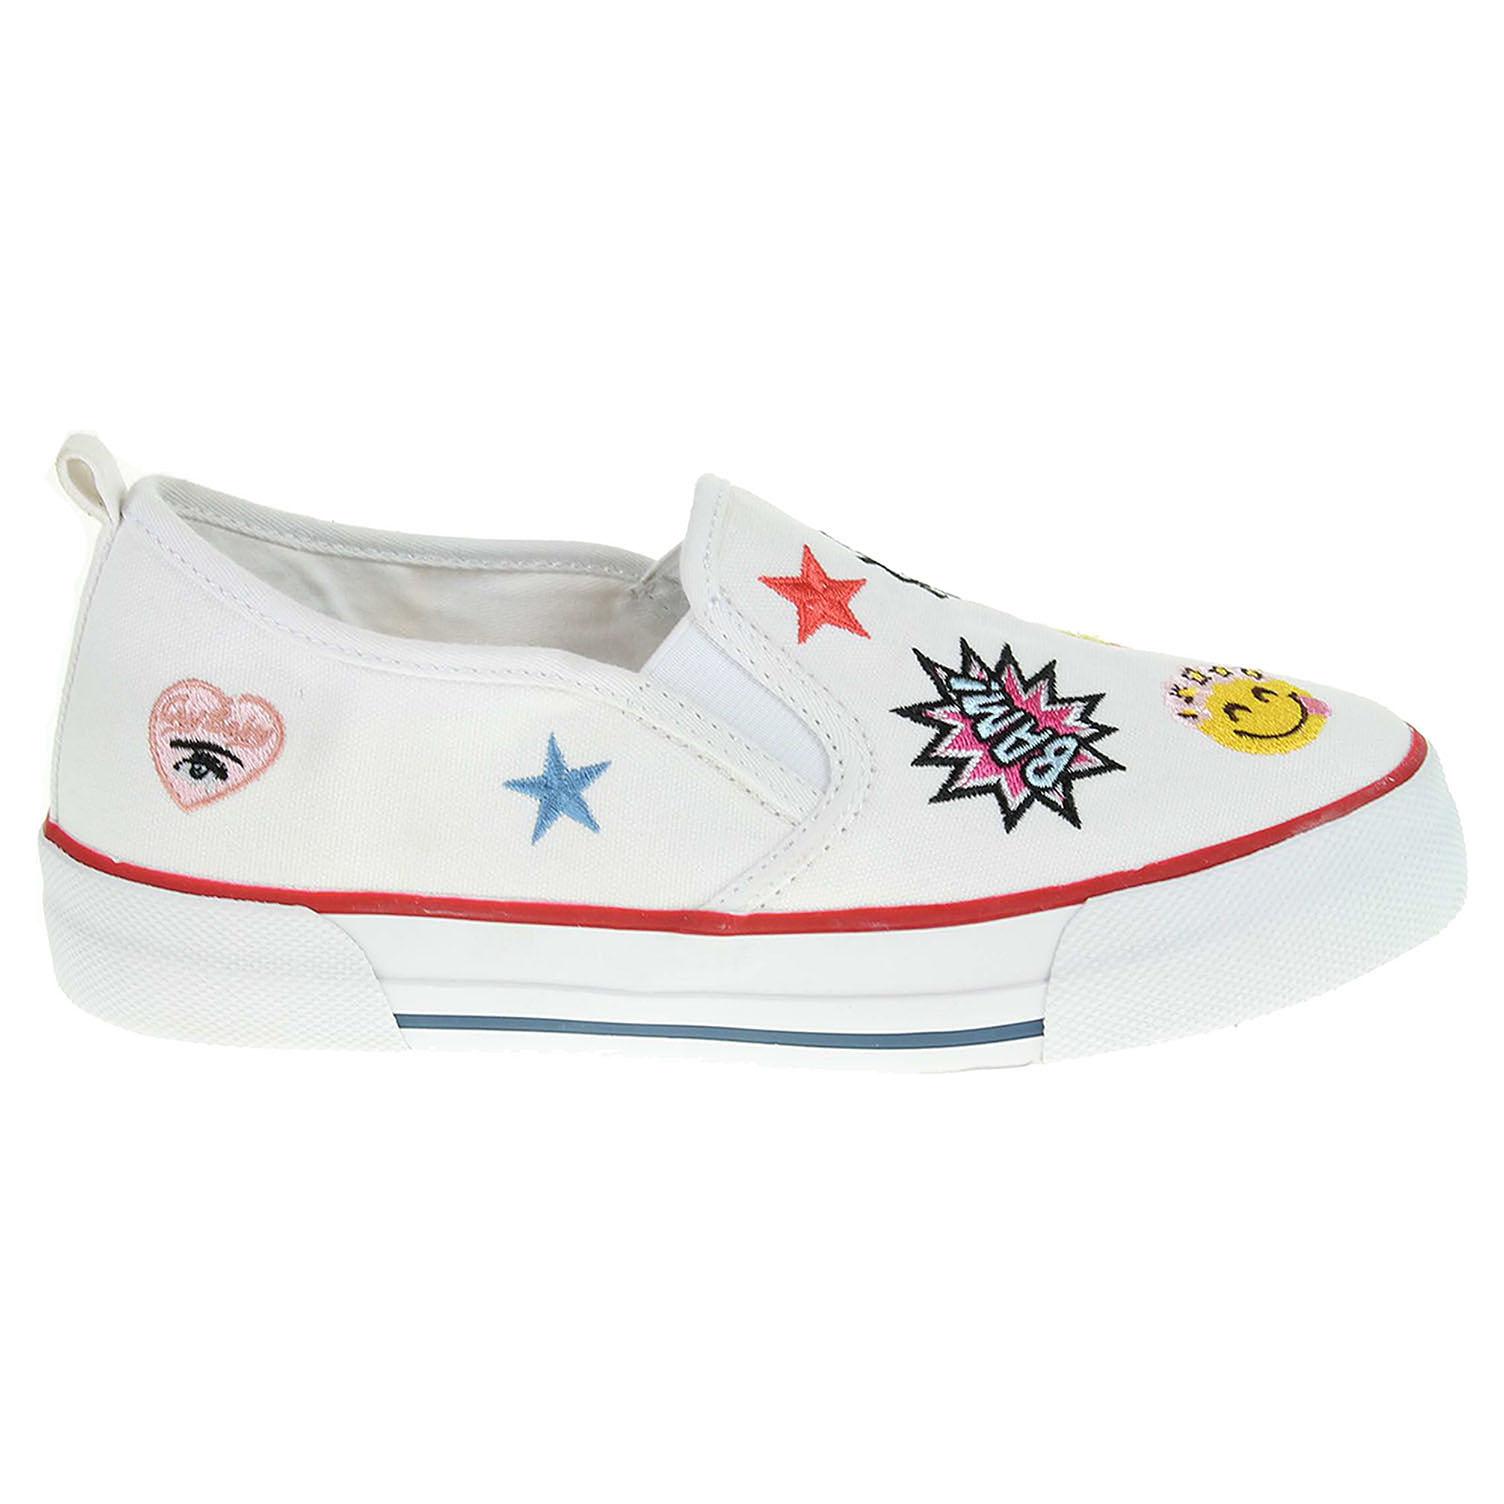 Ecco Marco Tozzi dámská obuv 2-24618-38 bílá 23200649 33424db7163